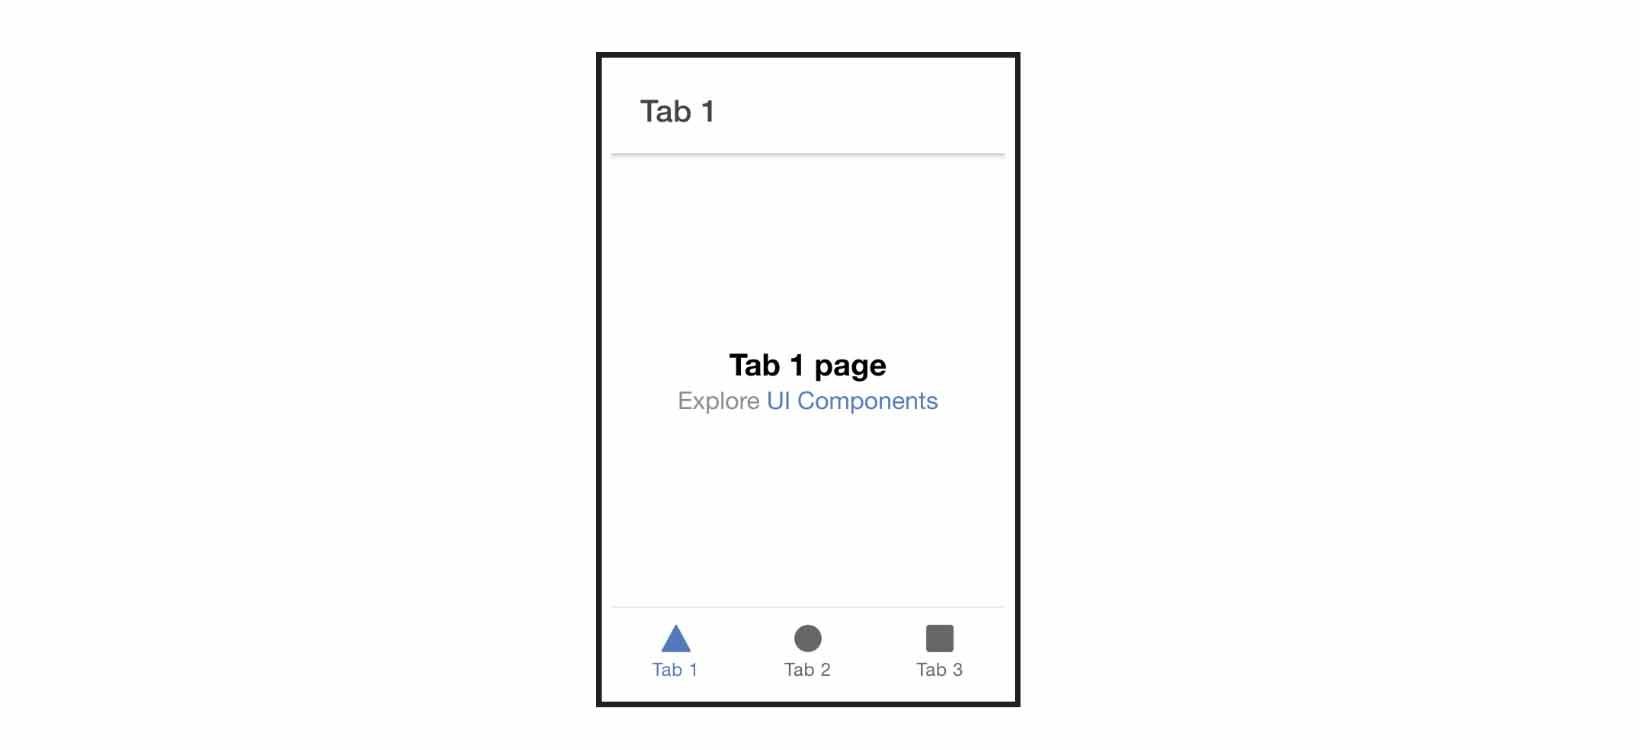 https://firebasestorage.googleapis.com/v0/b/vue-mastery.appspot.com/o/flamelink%2Fmedia%2F3.1608242072770.jpg?alt=media&token=15f571cf-e432-4e1c-af2b-35e66f3459e2